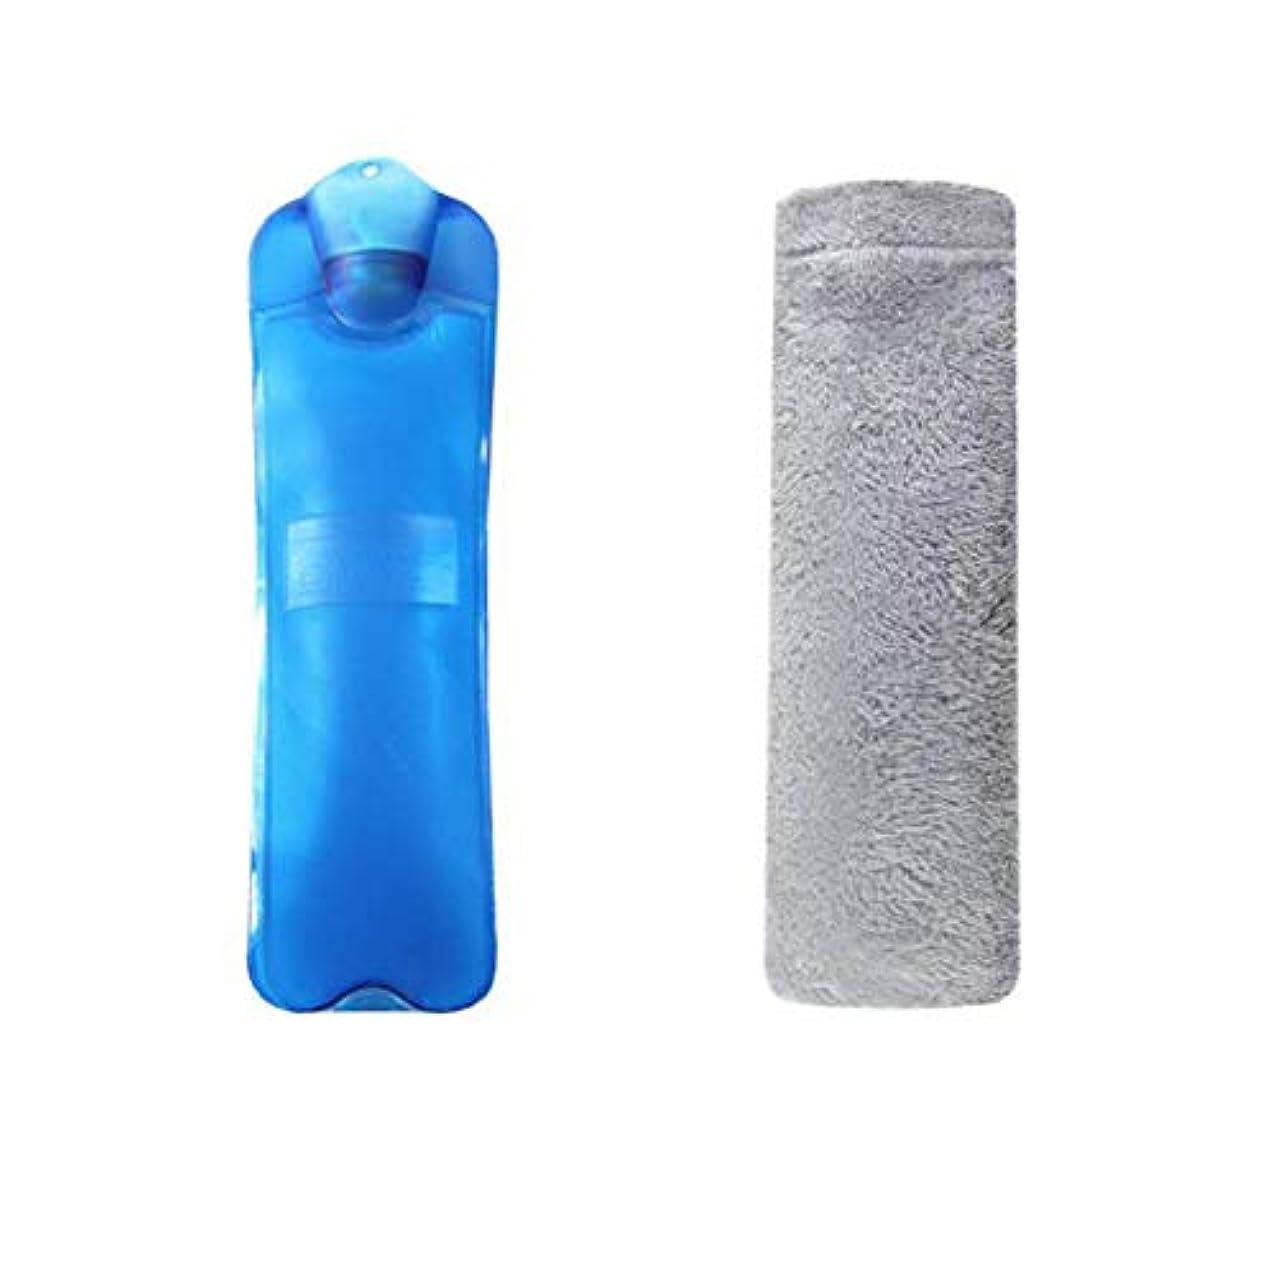 継承フラッシュのように素早くと組む温水ボトル大温水ボトル2Lは冬に暖かく保ちます #5